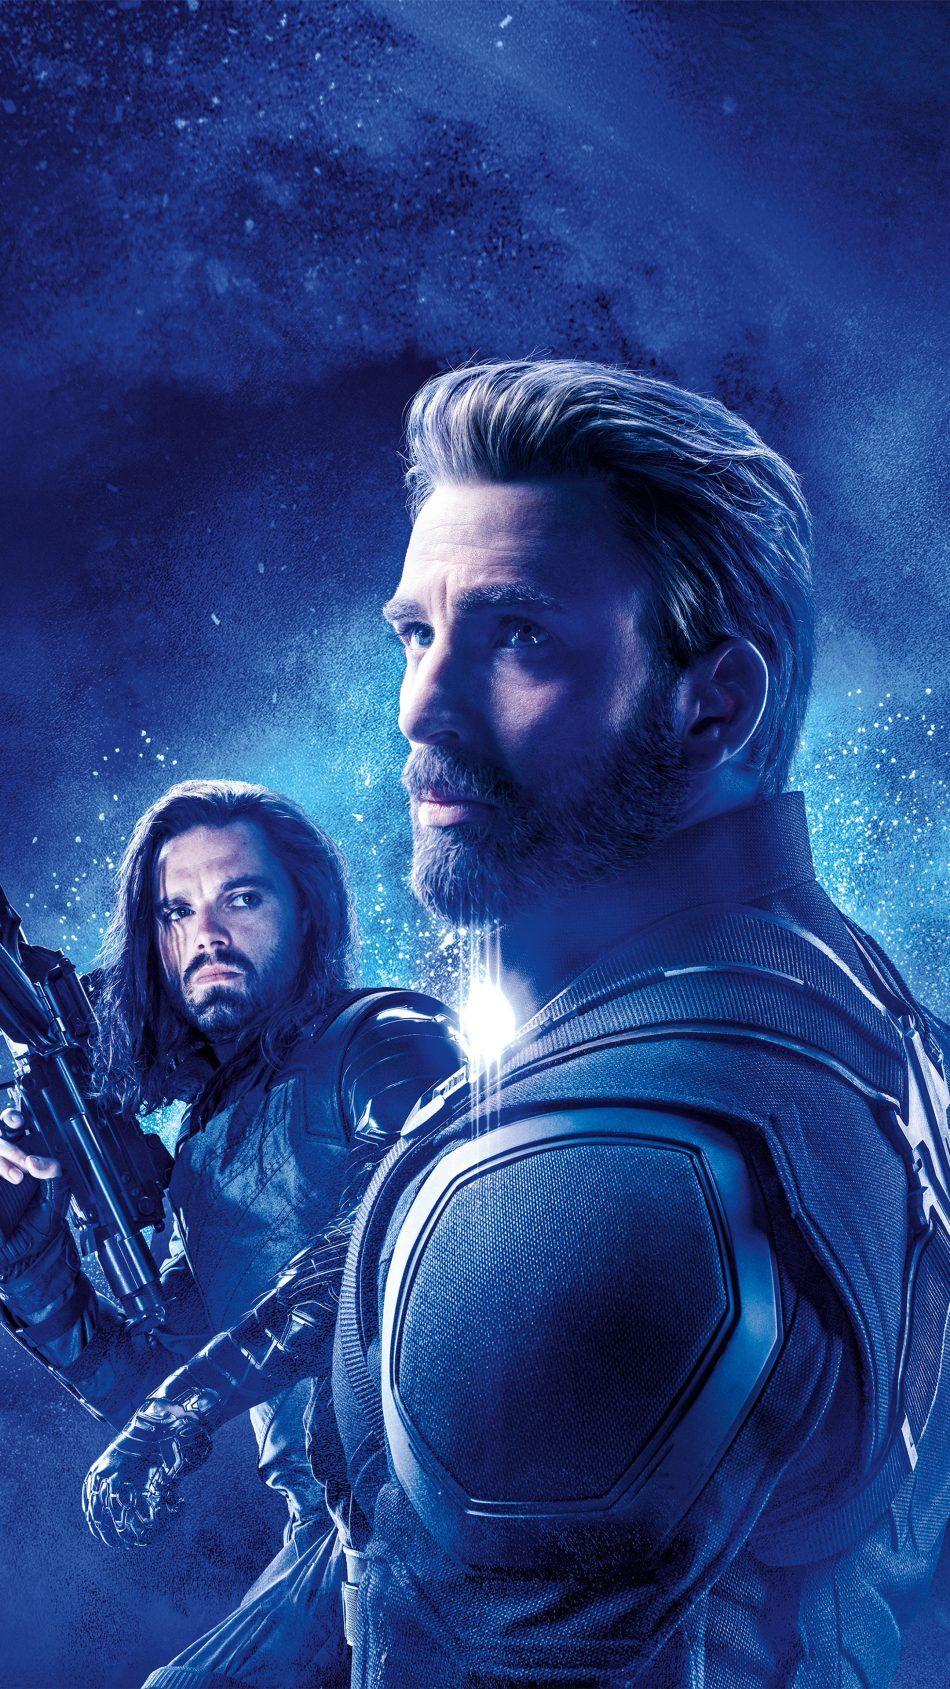 Captain America Bucky Barnes In Avengers Endgame 4k Ultra Hd Mobile Wallpaper Captain America And Bucky Avengers Bucky Barnes